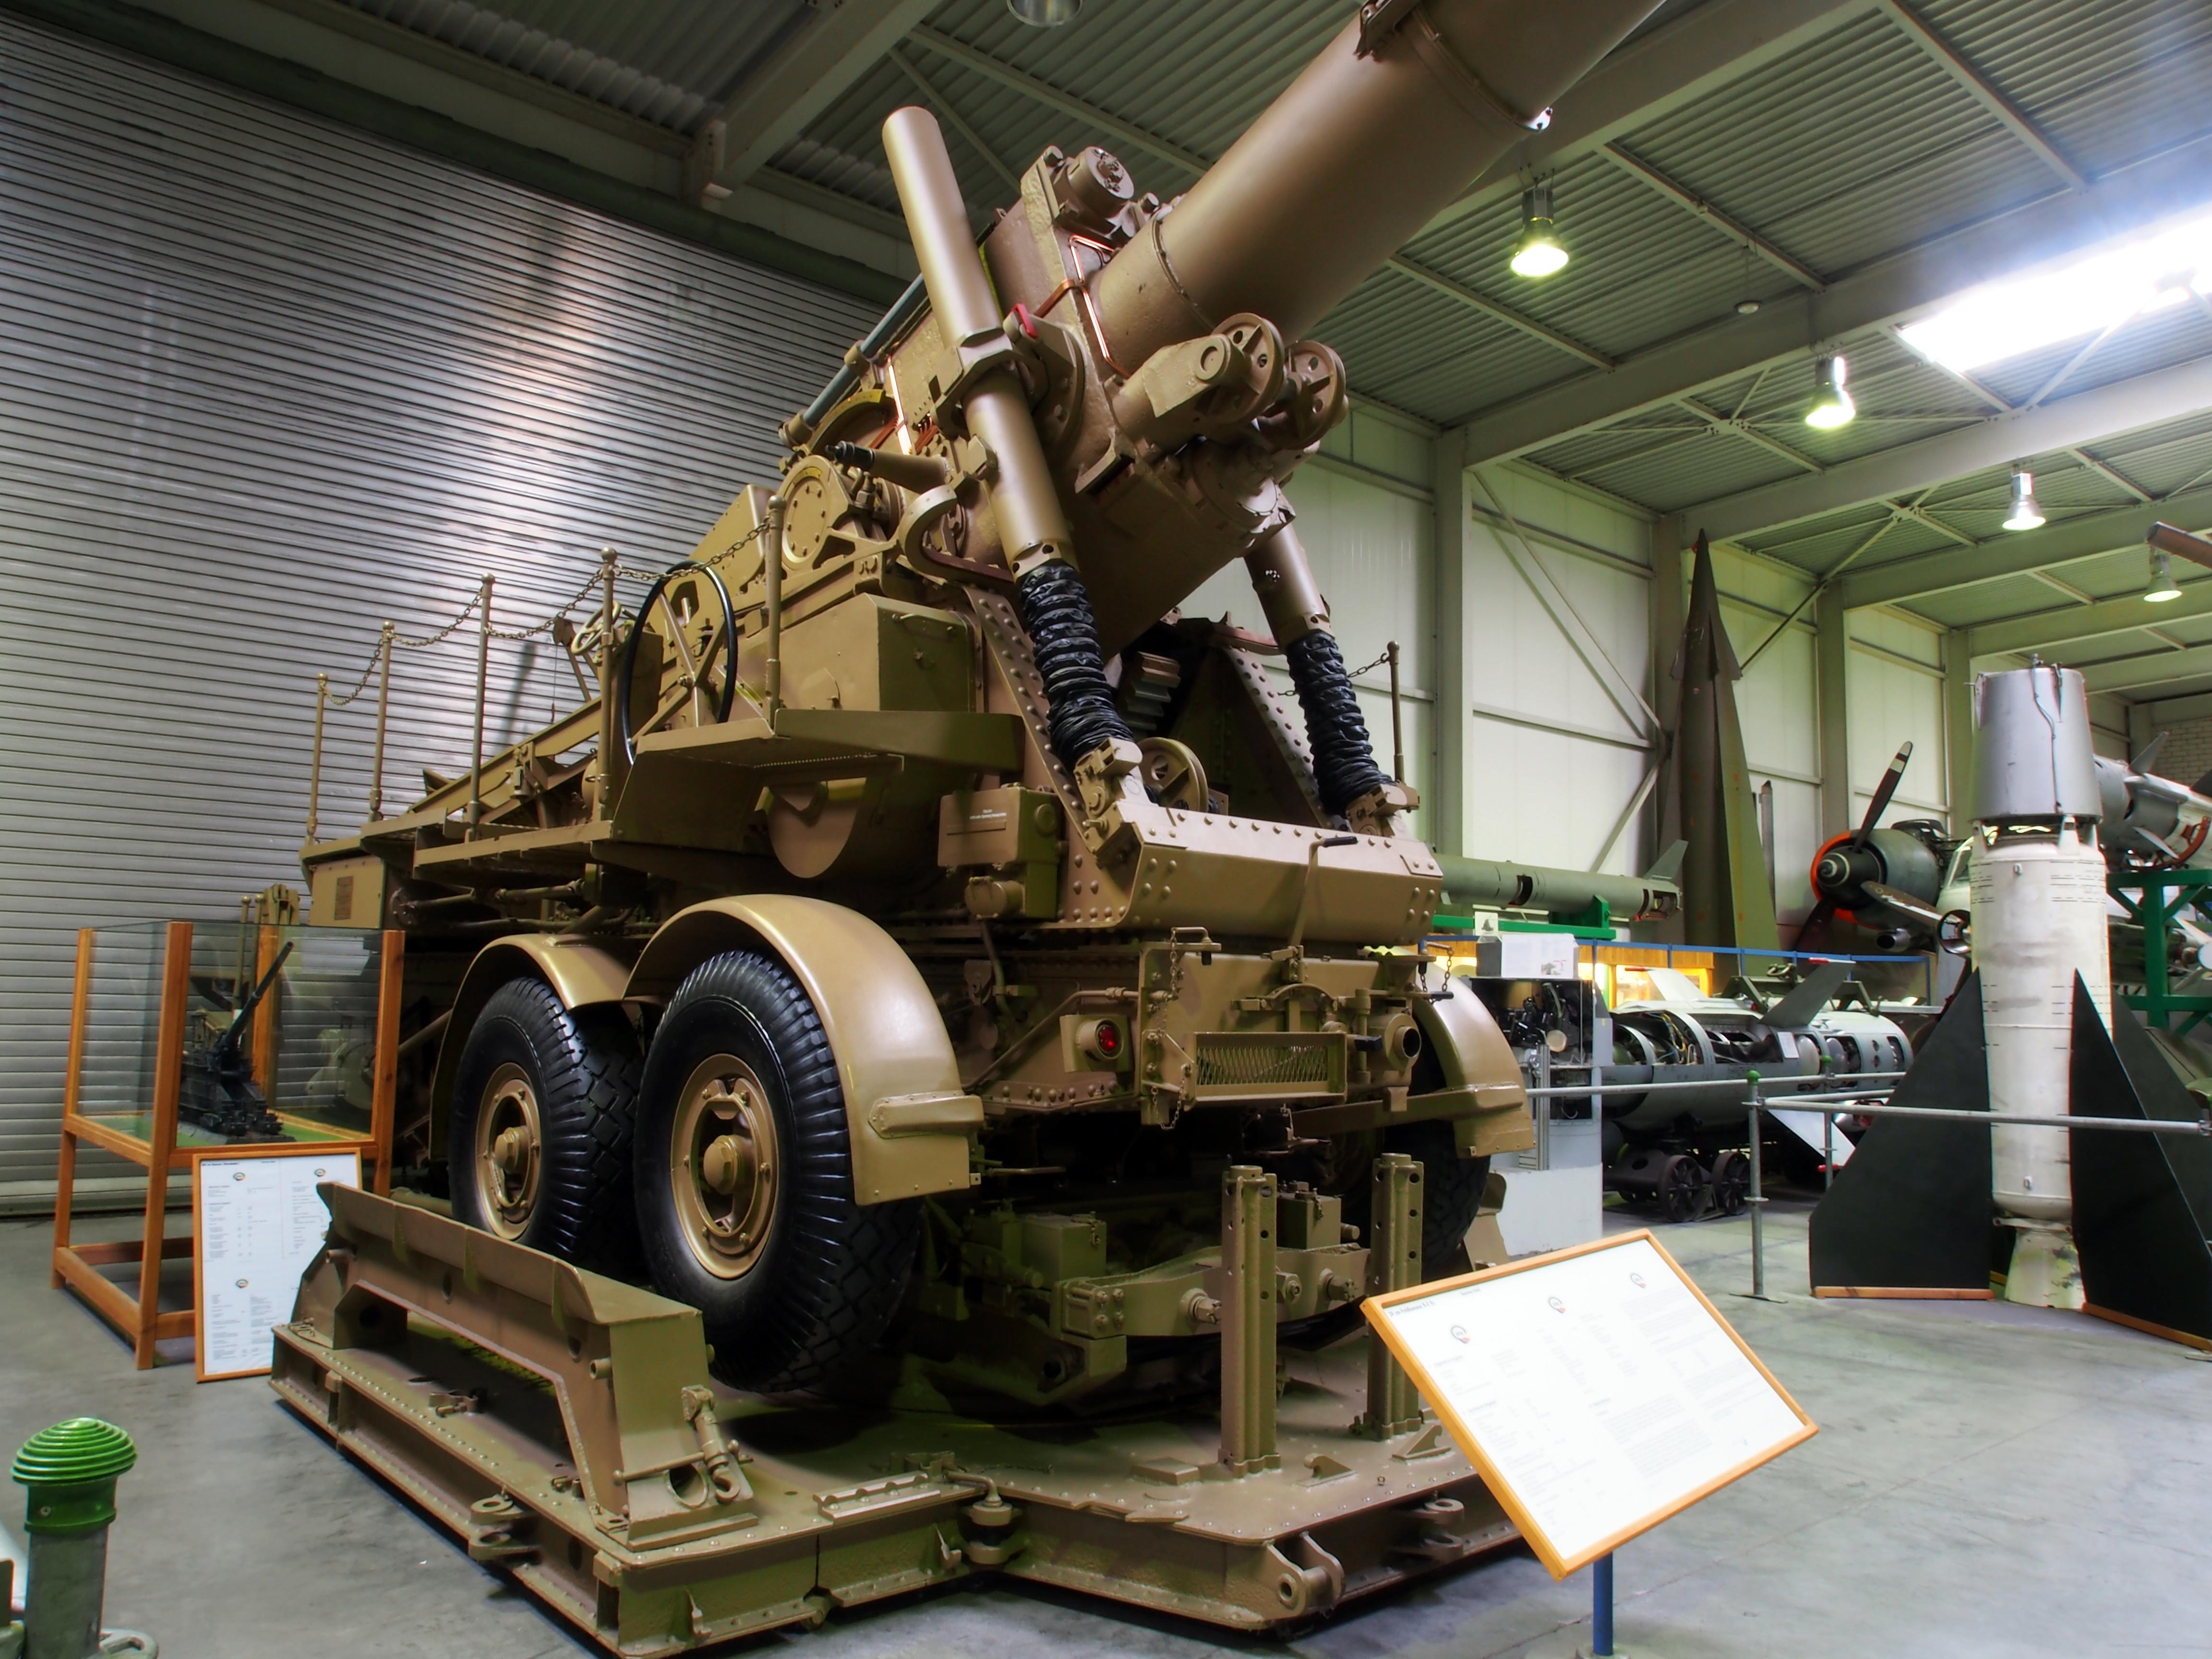 ... 発射 器 43 型 adgz 装甲車 bv